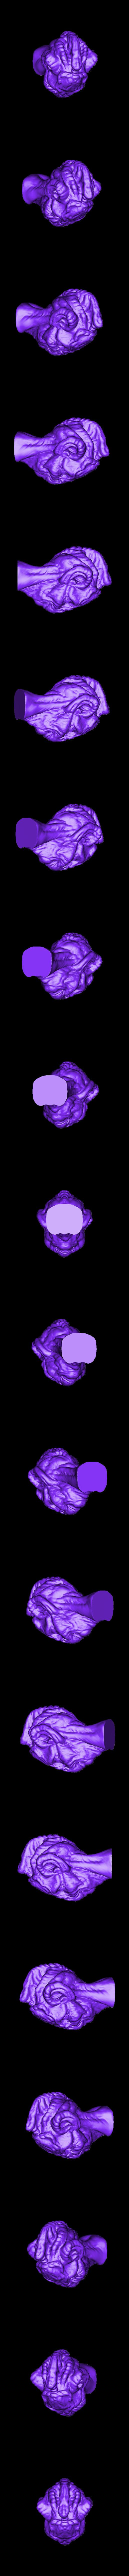 Nuroh_Gribsek.stl Télécharger fichier STL gratuit Nuroh Gribsek • Modèle à imprimer en 3D, bendansie